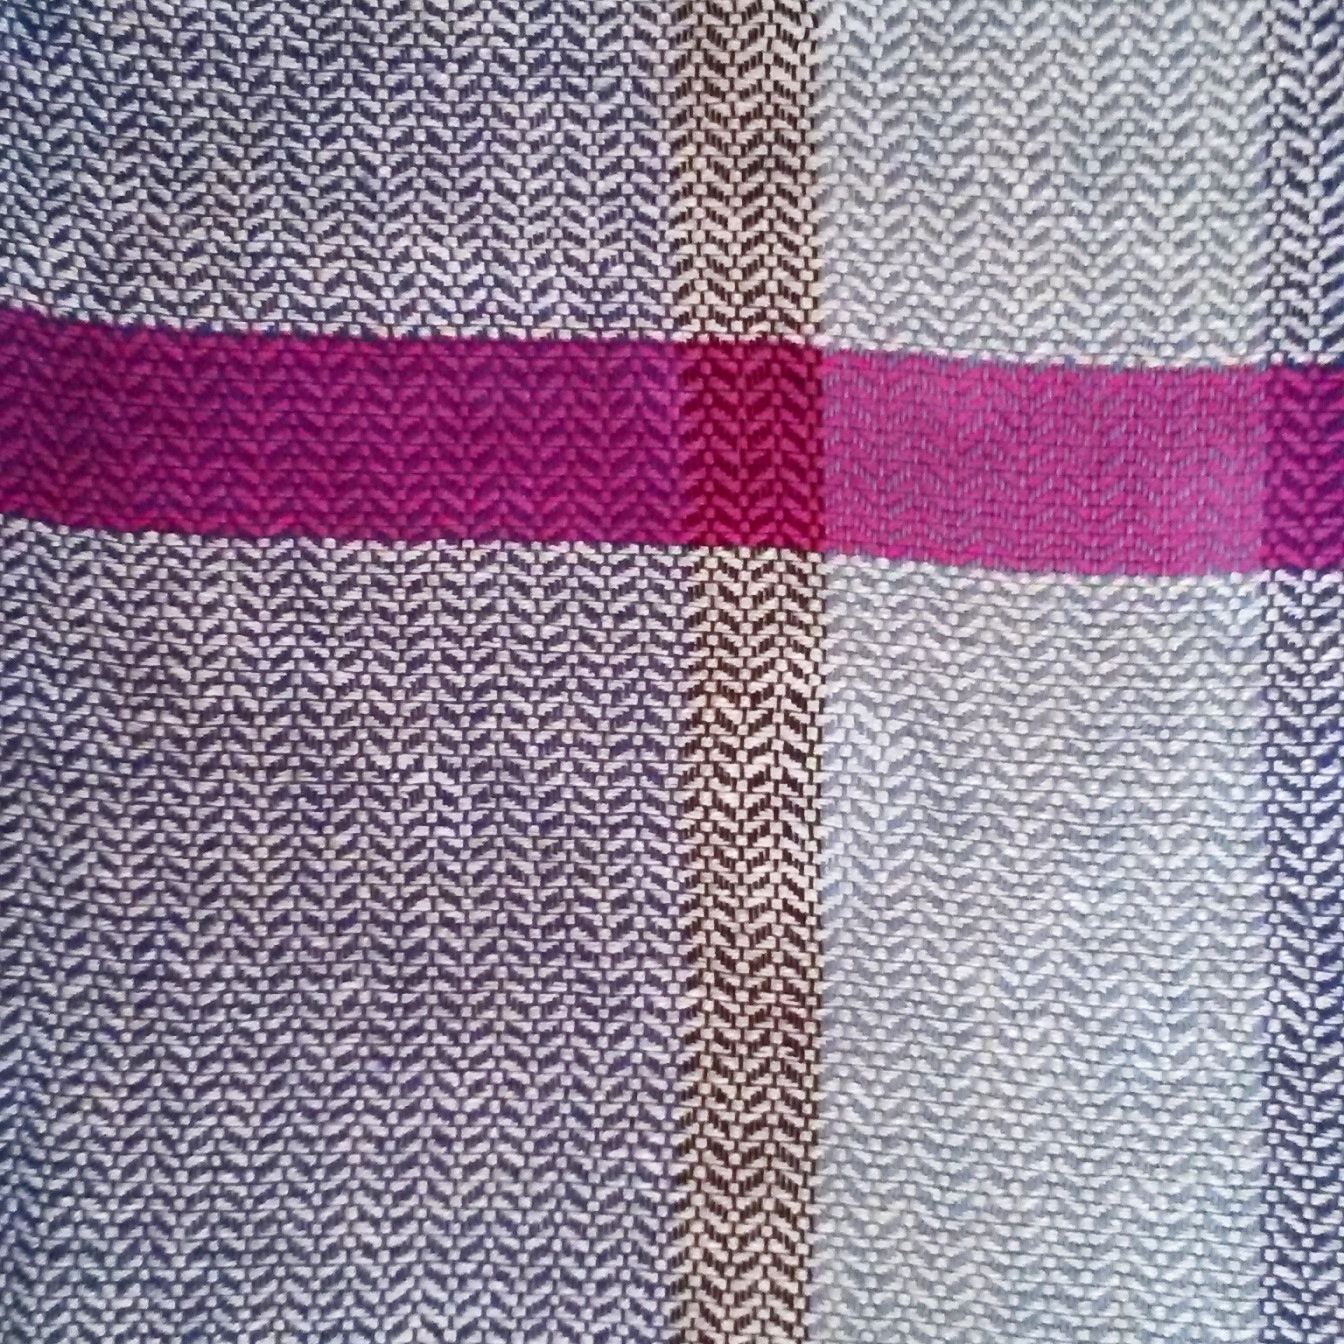 Handwoven textile detail, 2014